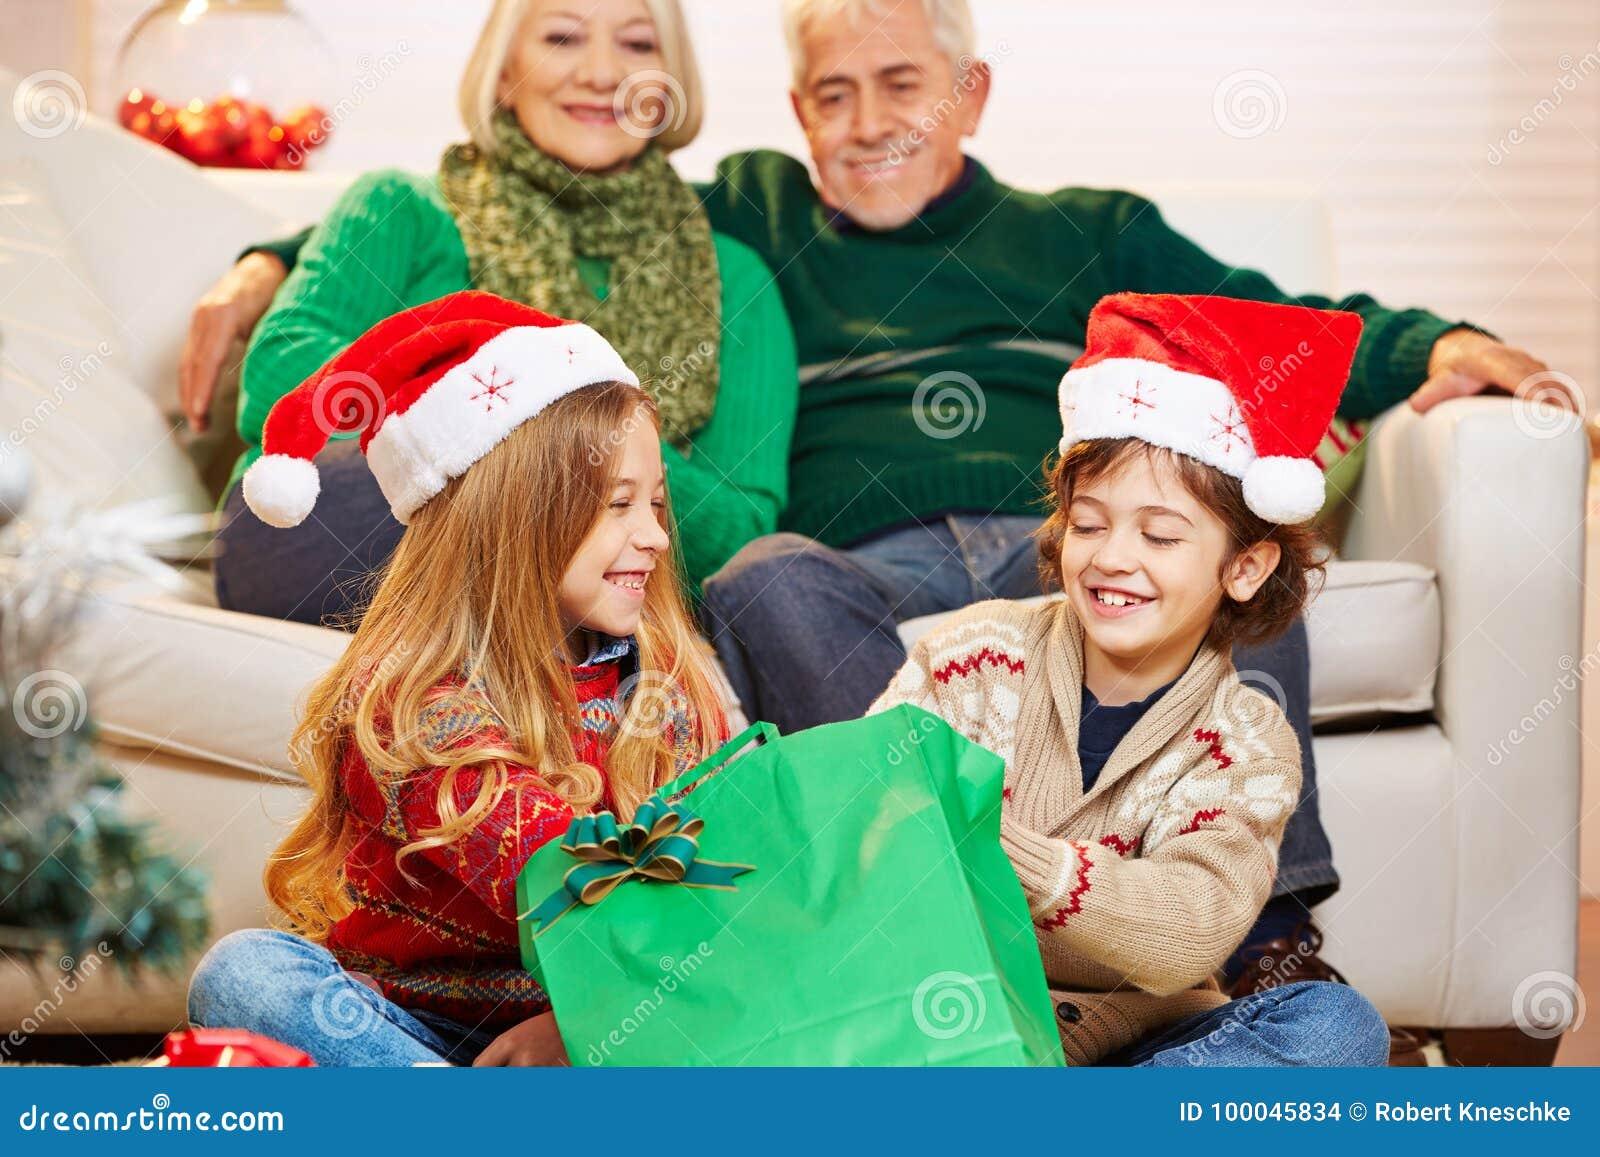 Regali Di Natale Per La Nonna.Bambini Al Nonno Ed Alla Nonna A Natale Fotografia Stock Immagine